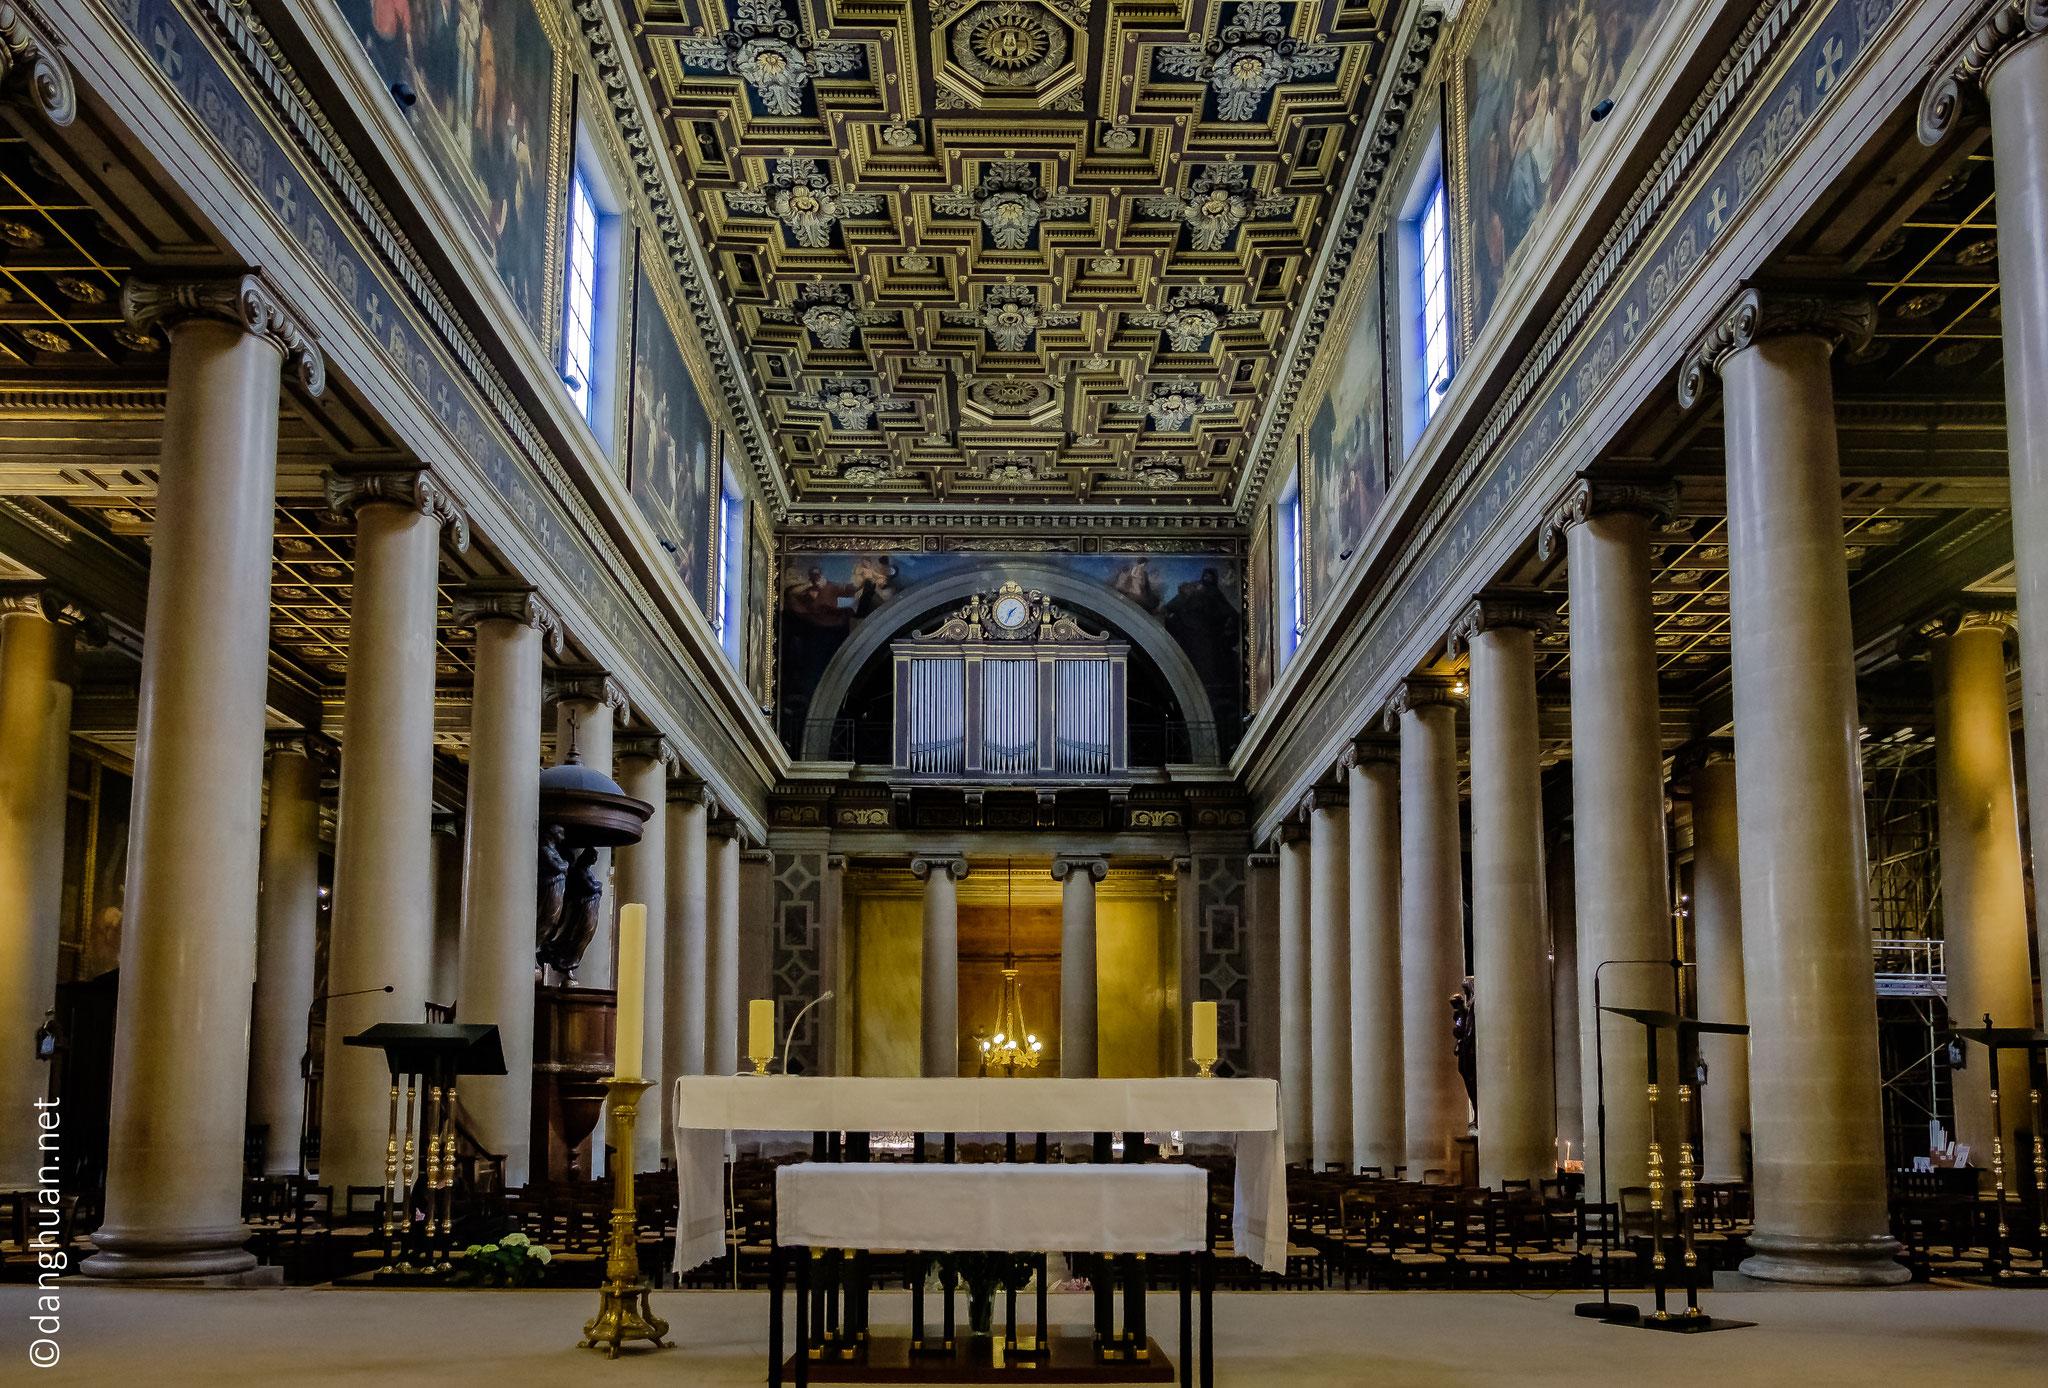 Intérieur de l'église de Notre-Dame-de-Lorette,  chef-d'œuvre de l'architecture néoclassique du 19e siècle Français